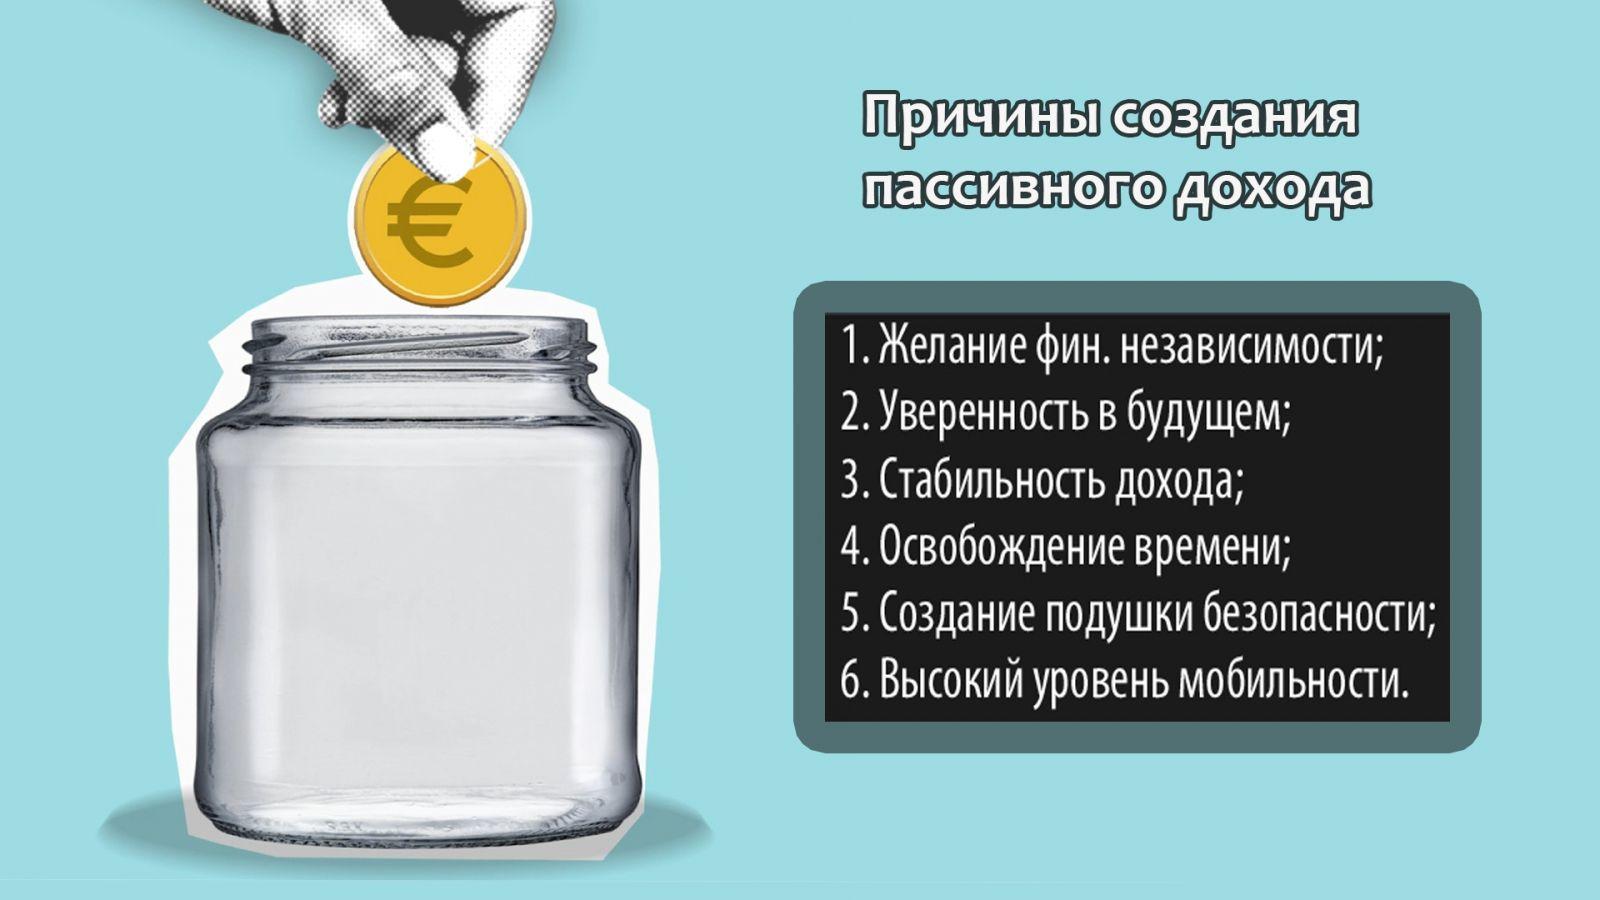 Преимущества пассивного дохода